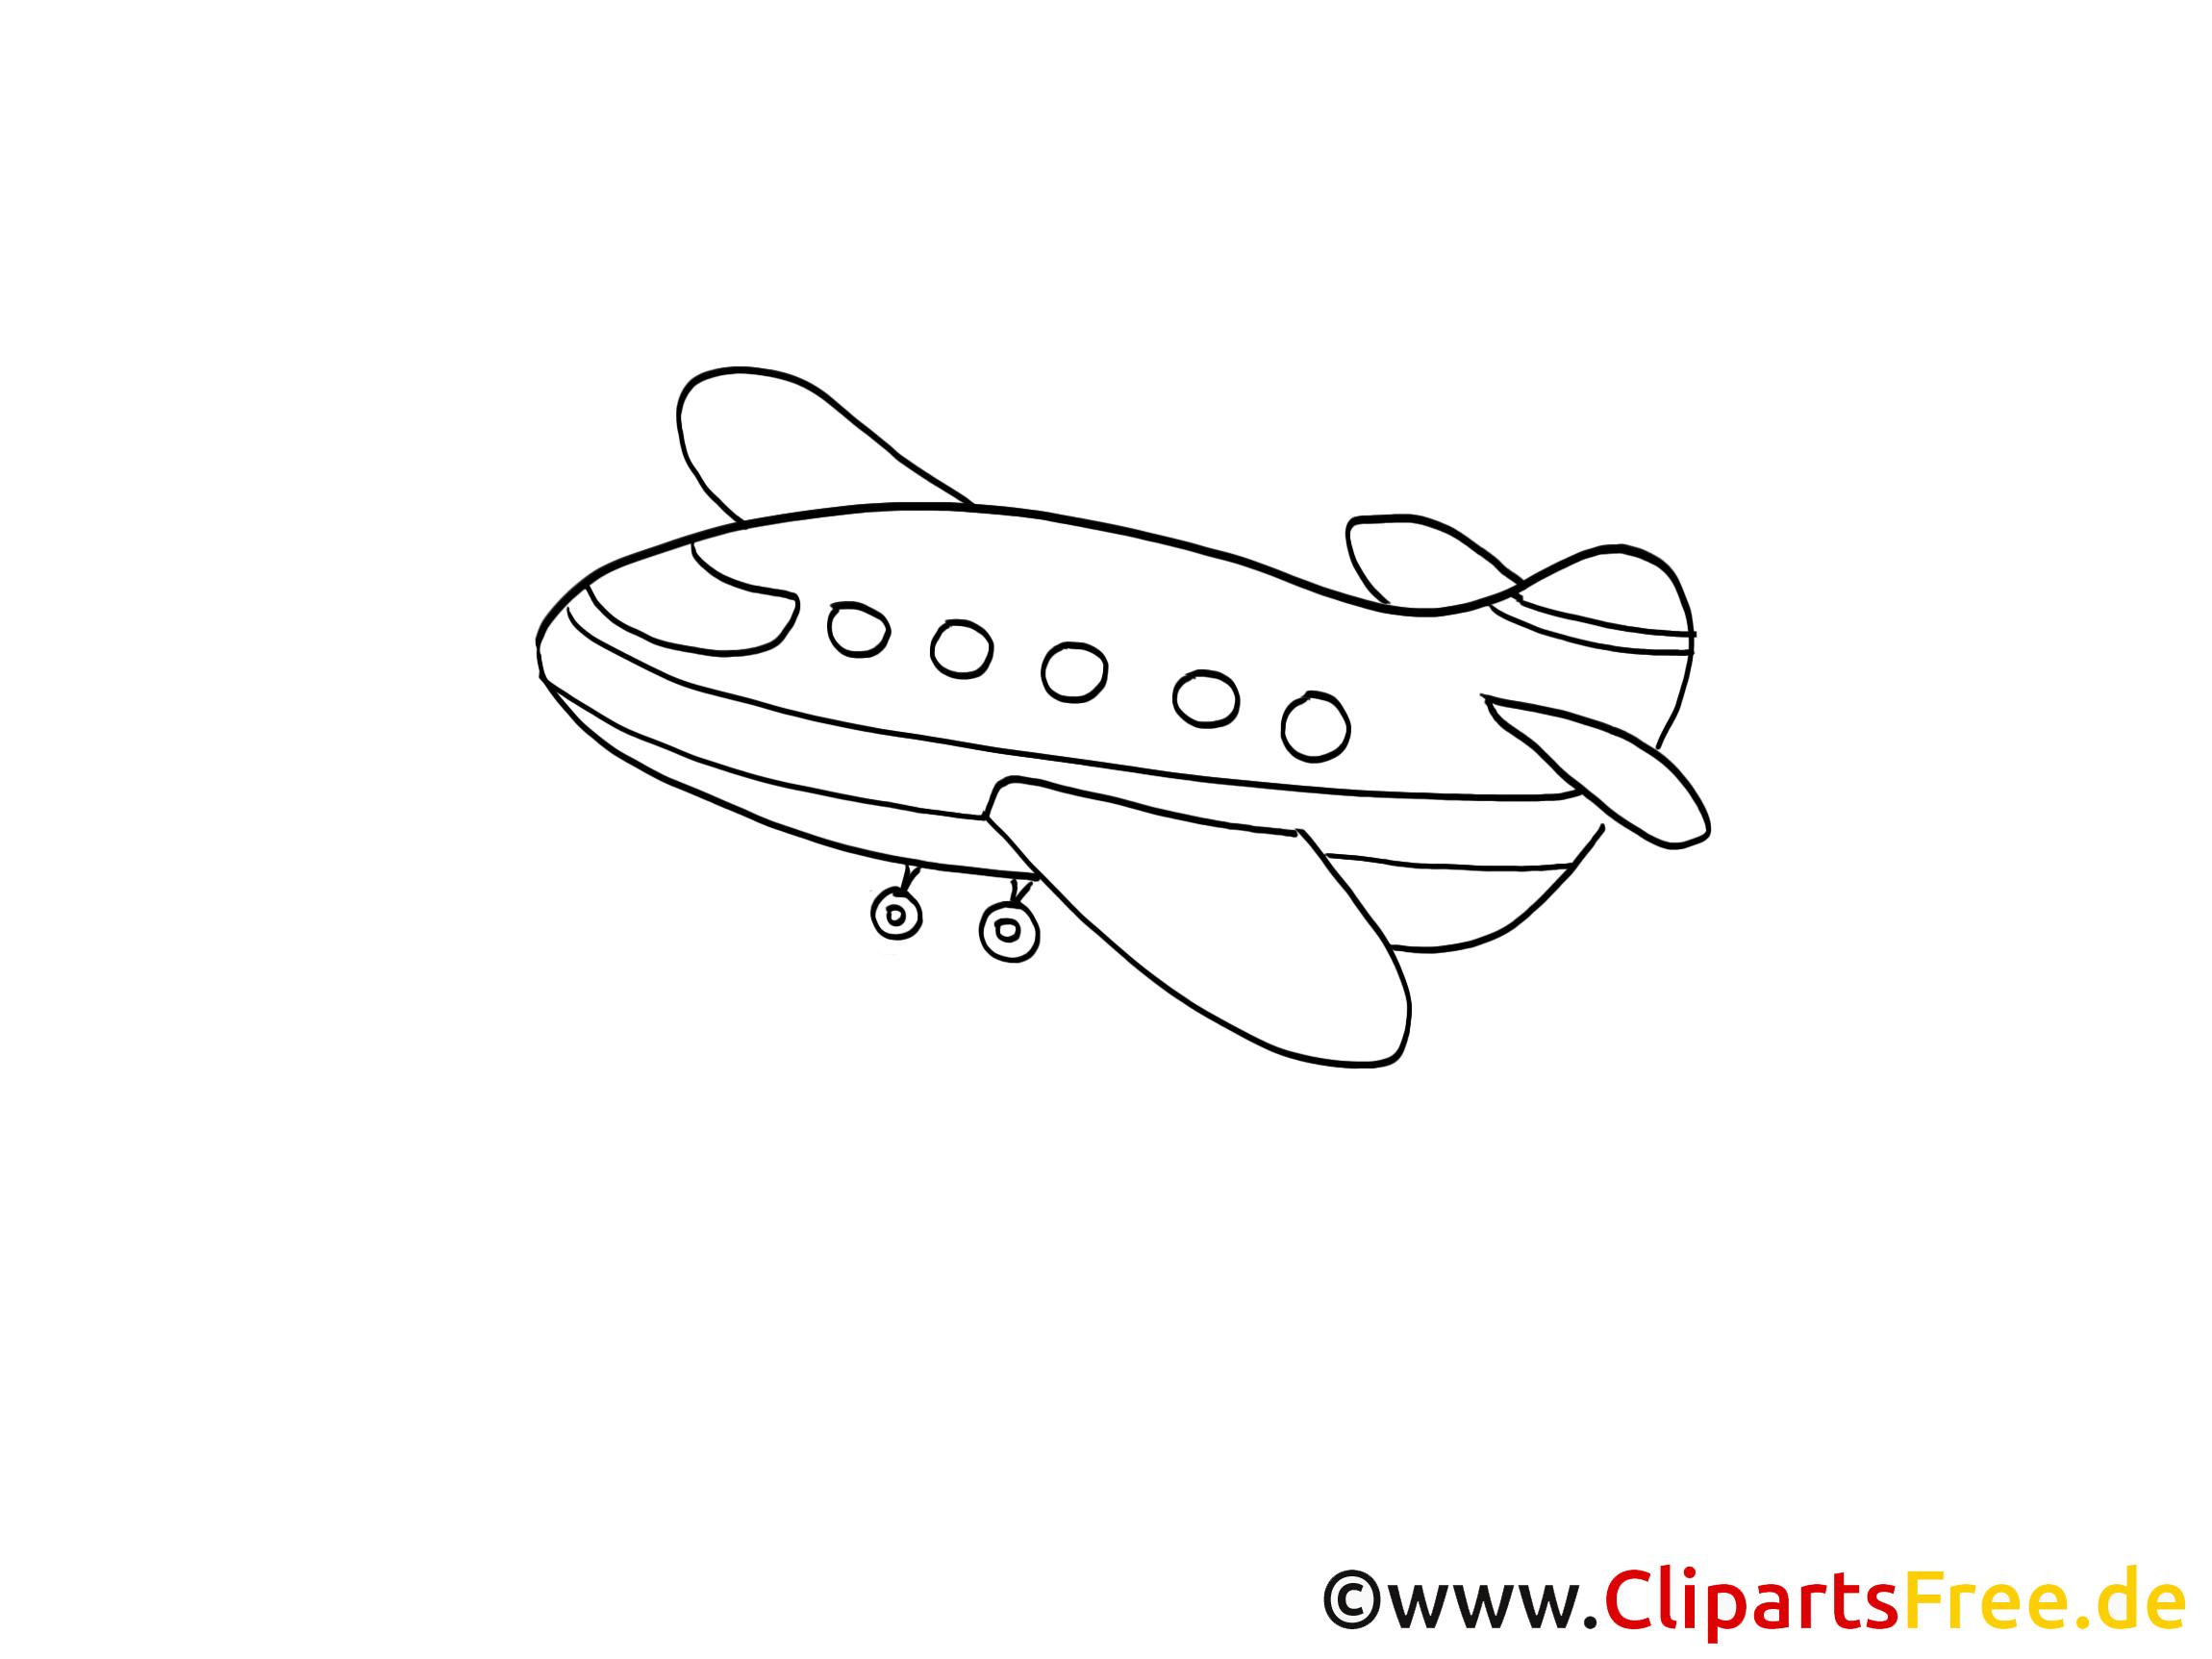 Avion dessin gratuit à imprimer